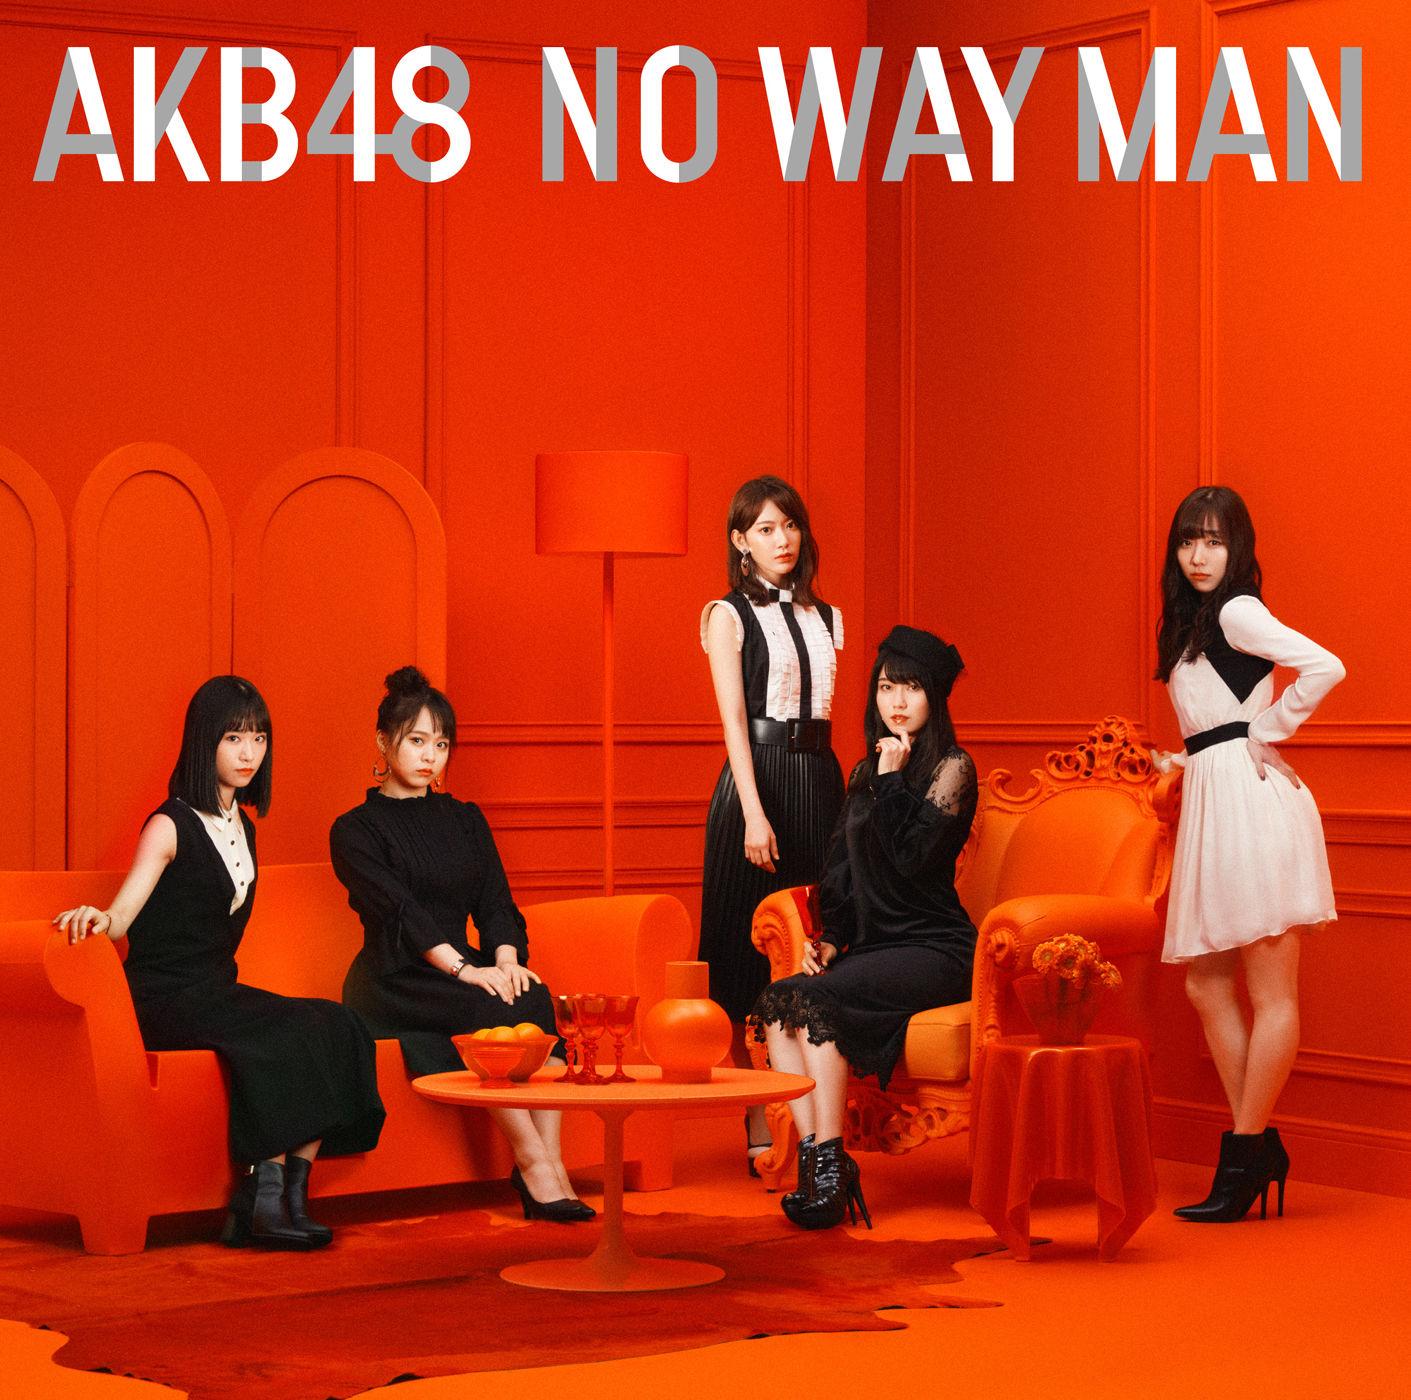 AKB48 - NO WAY MAN – EP [iTunes Plus]